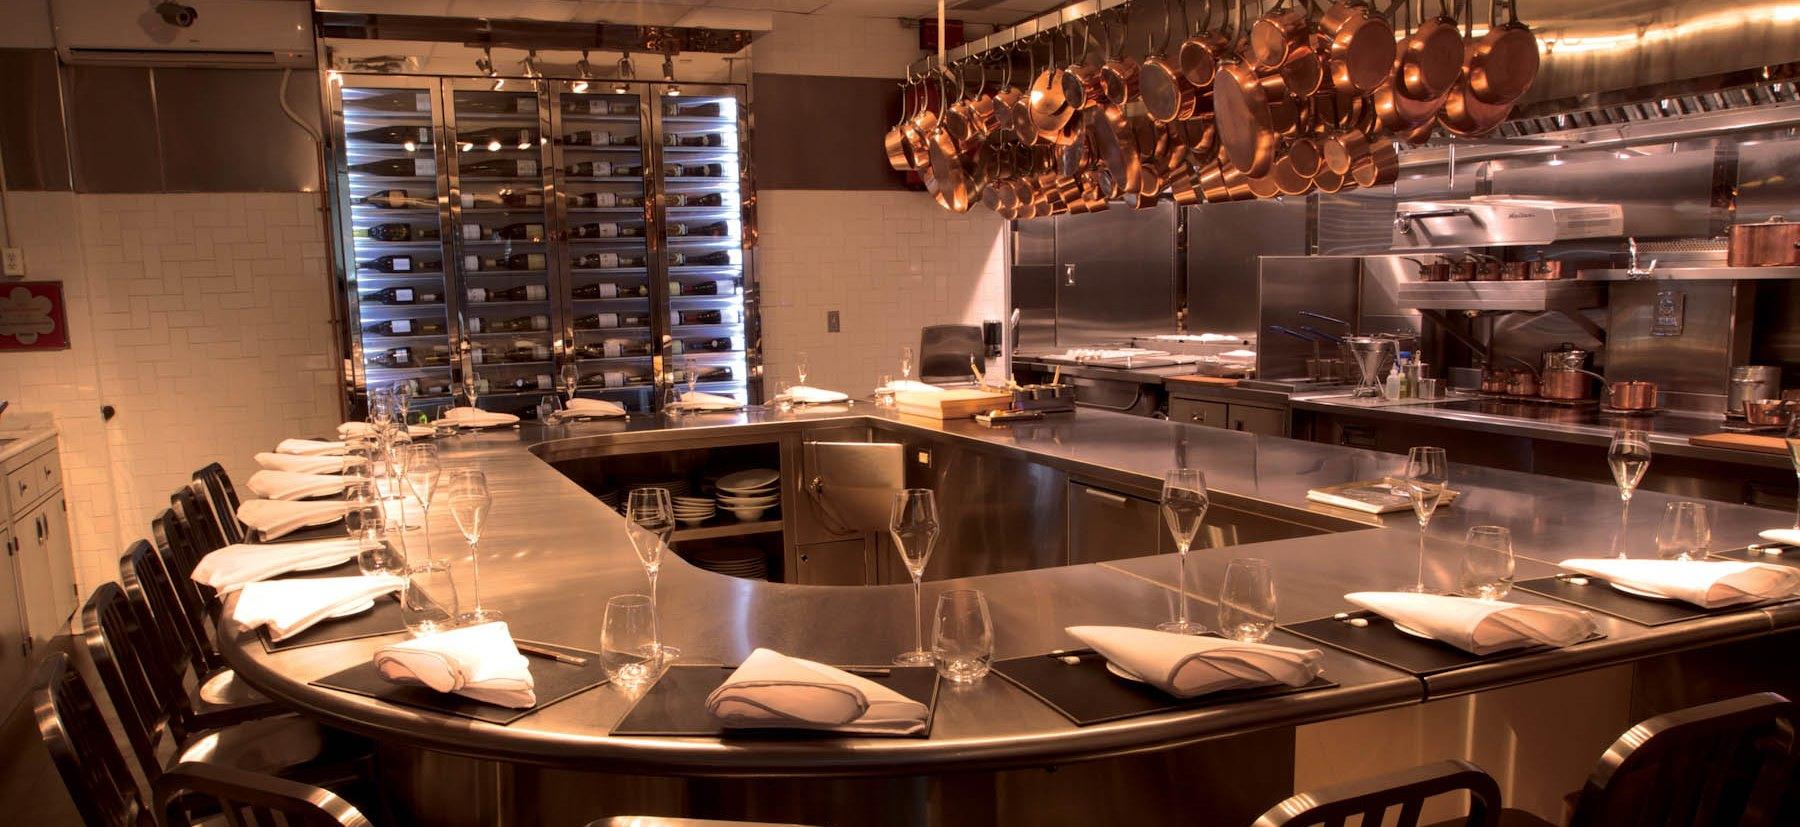 Ресторан Chef's Table (США)